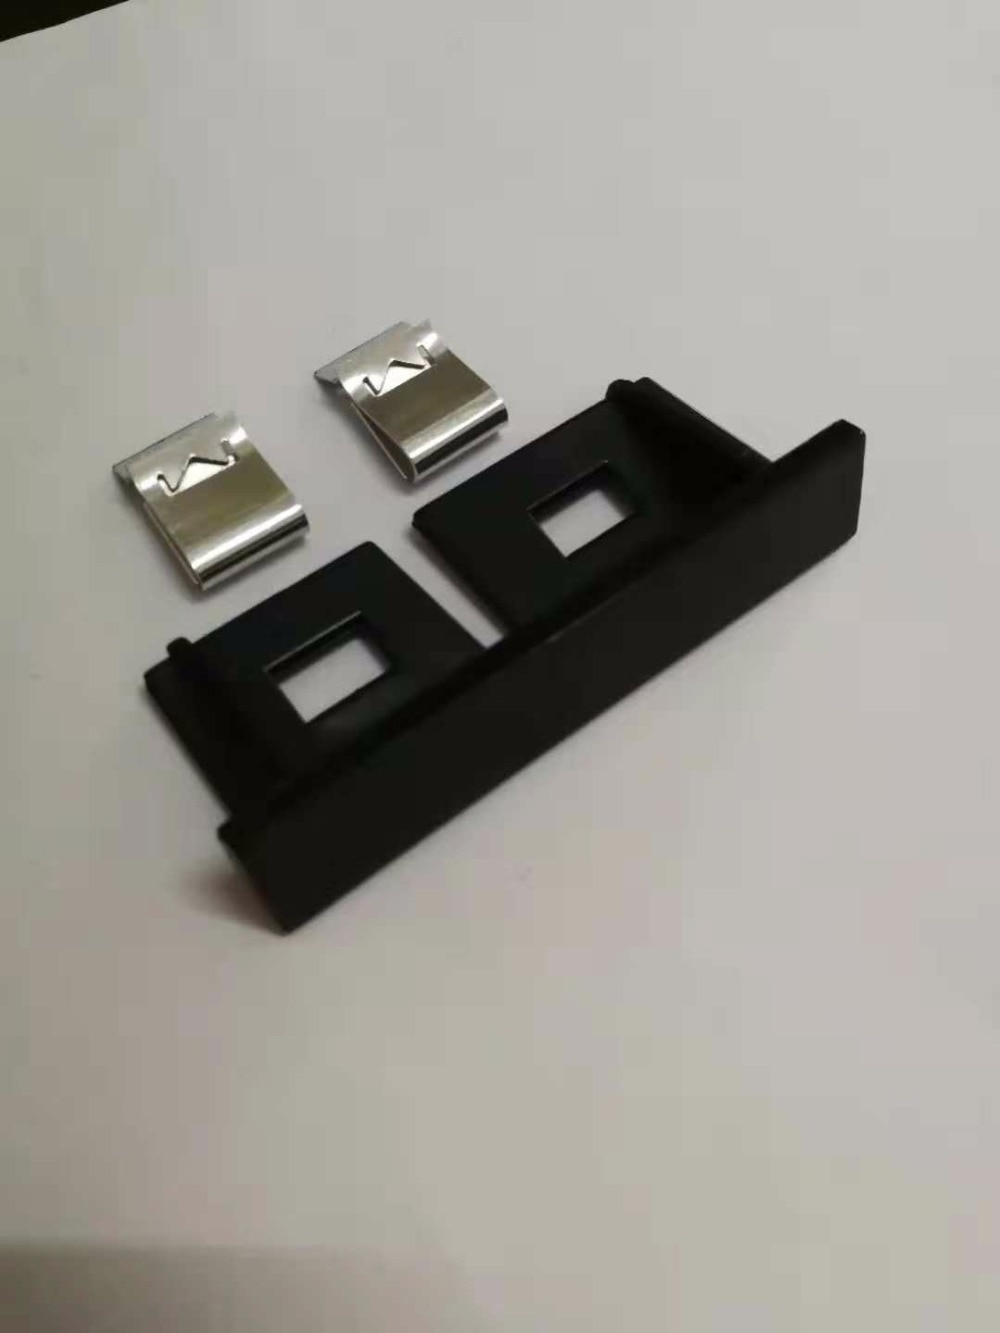 1х новая Автомобильная Матовая Серебристая хромированная черная металлическая решетка эмблема для Audi S line Sline A4 S4 RS4 A6 TT A3 эмблема